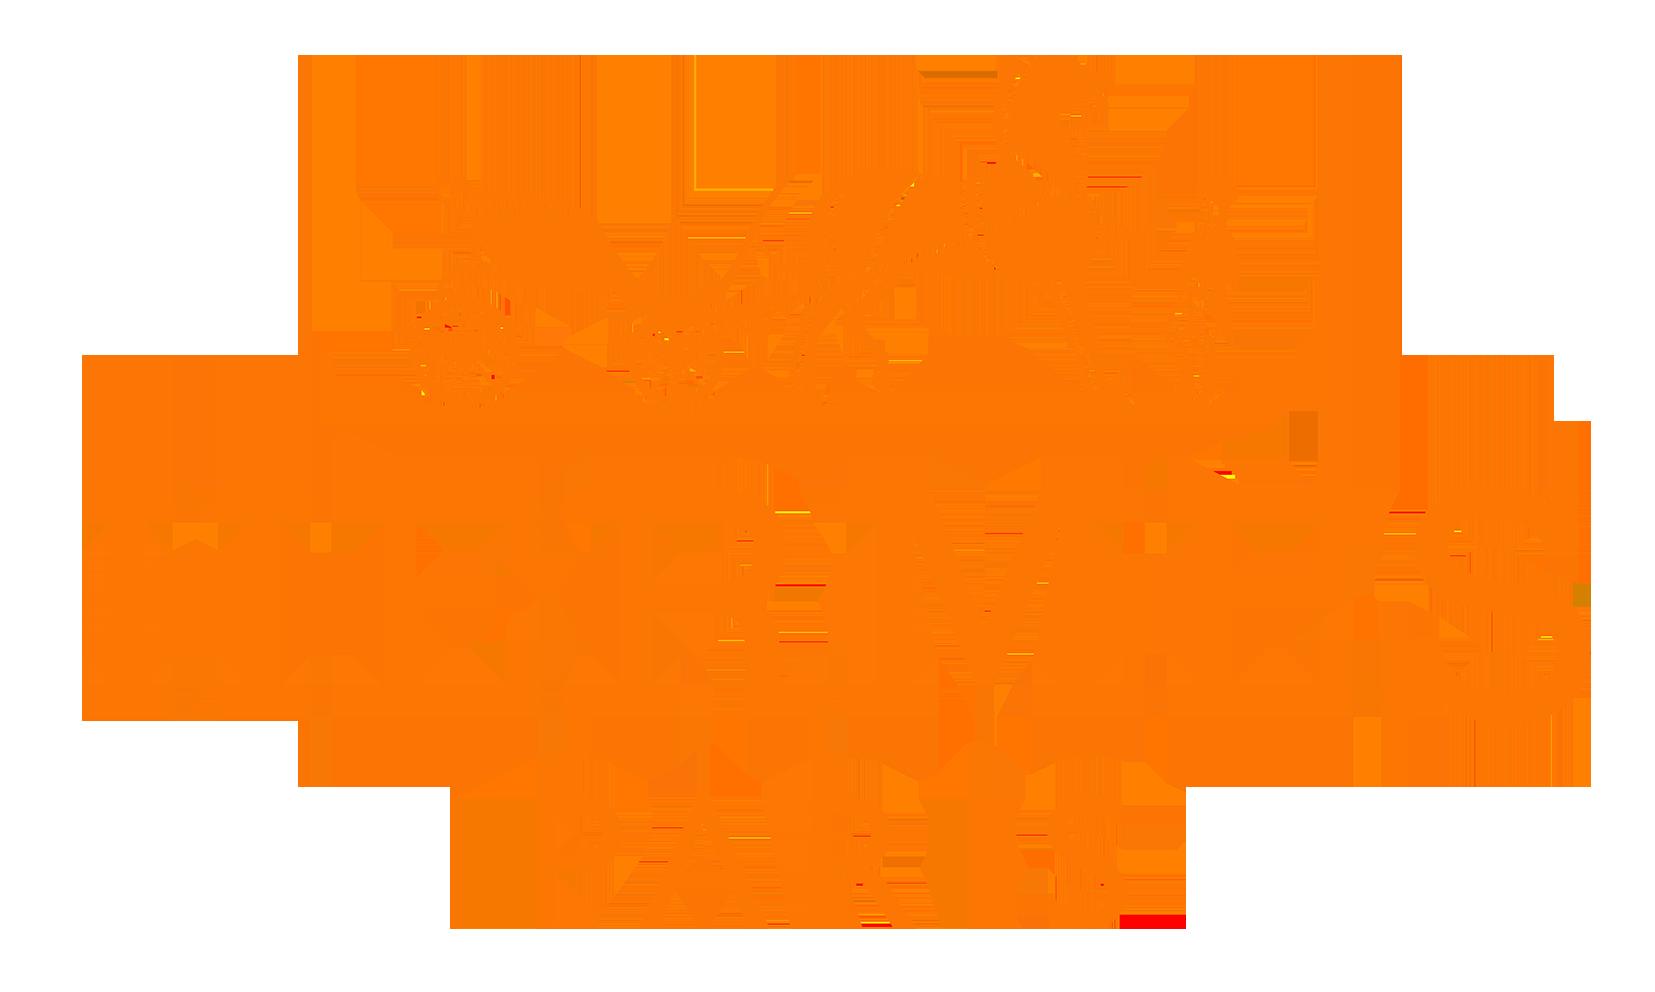 История бренда Hermes